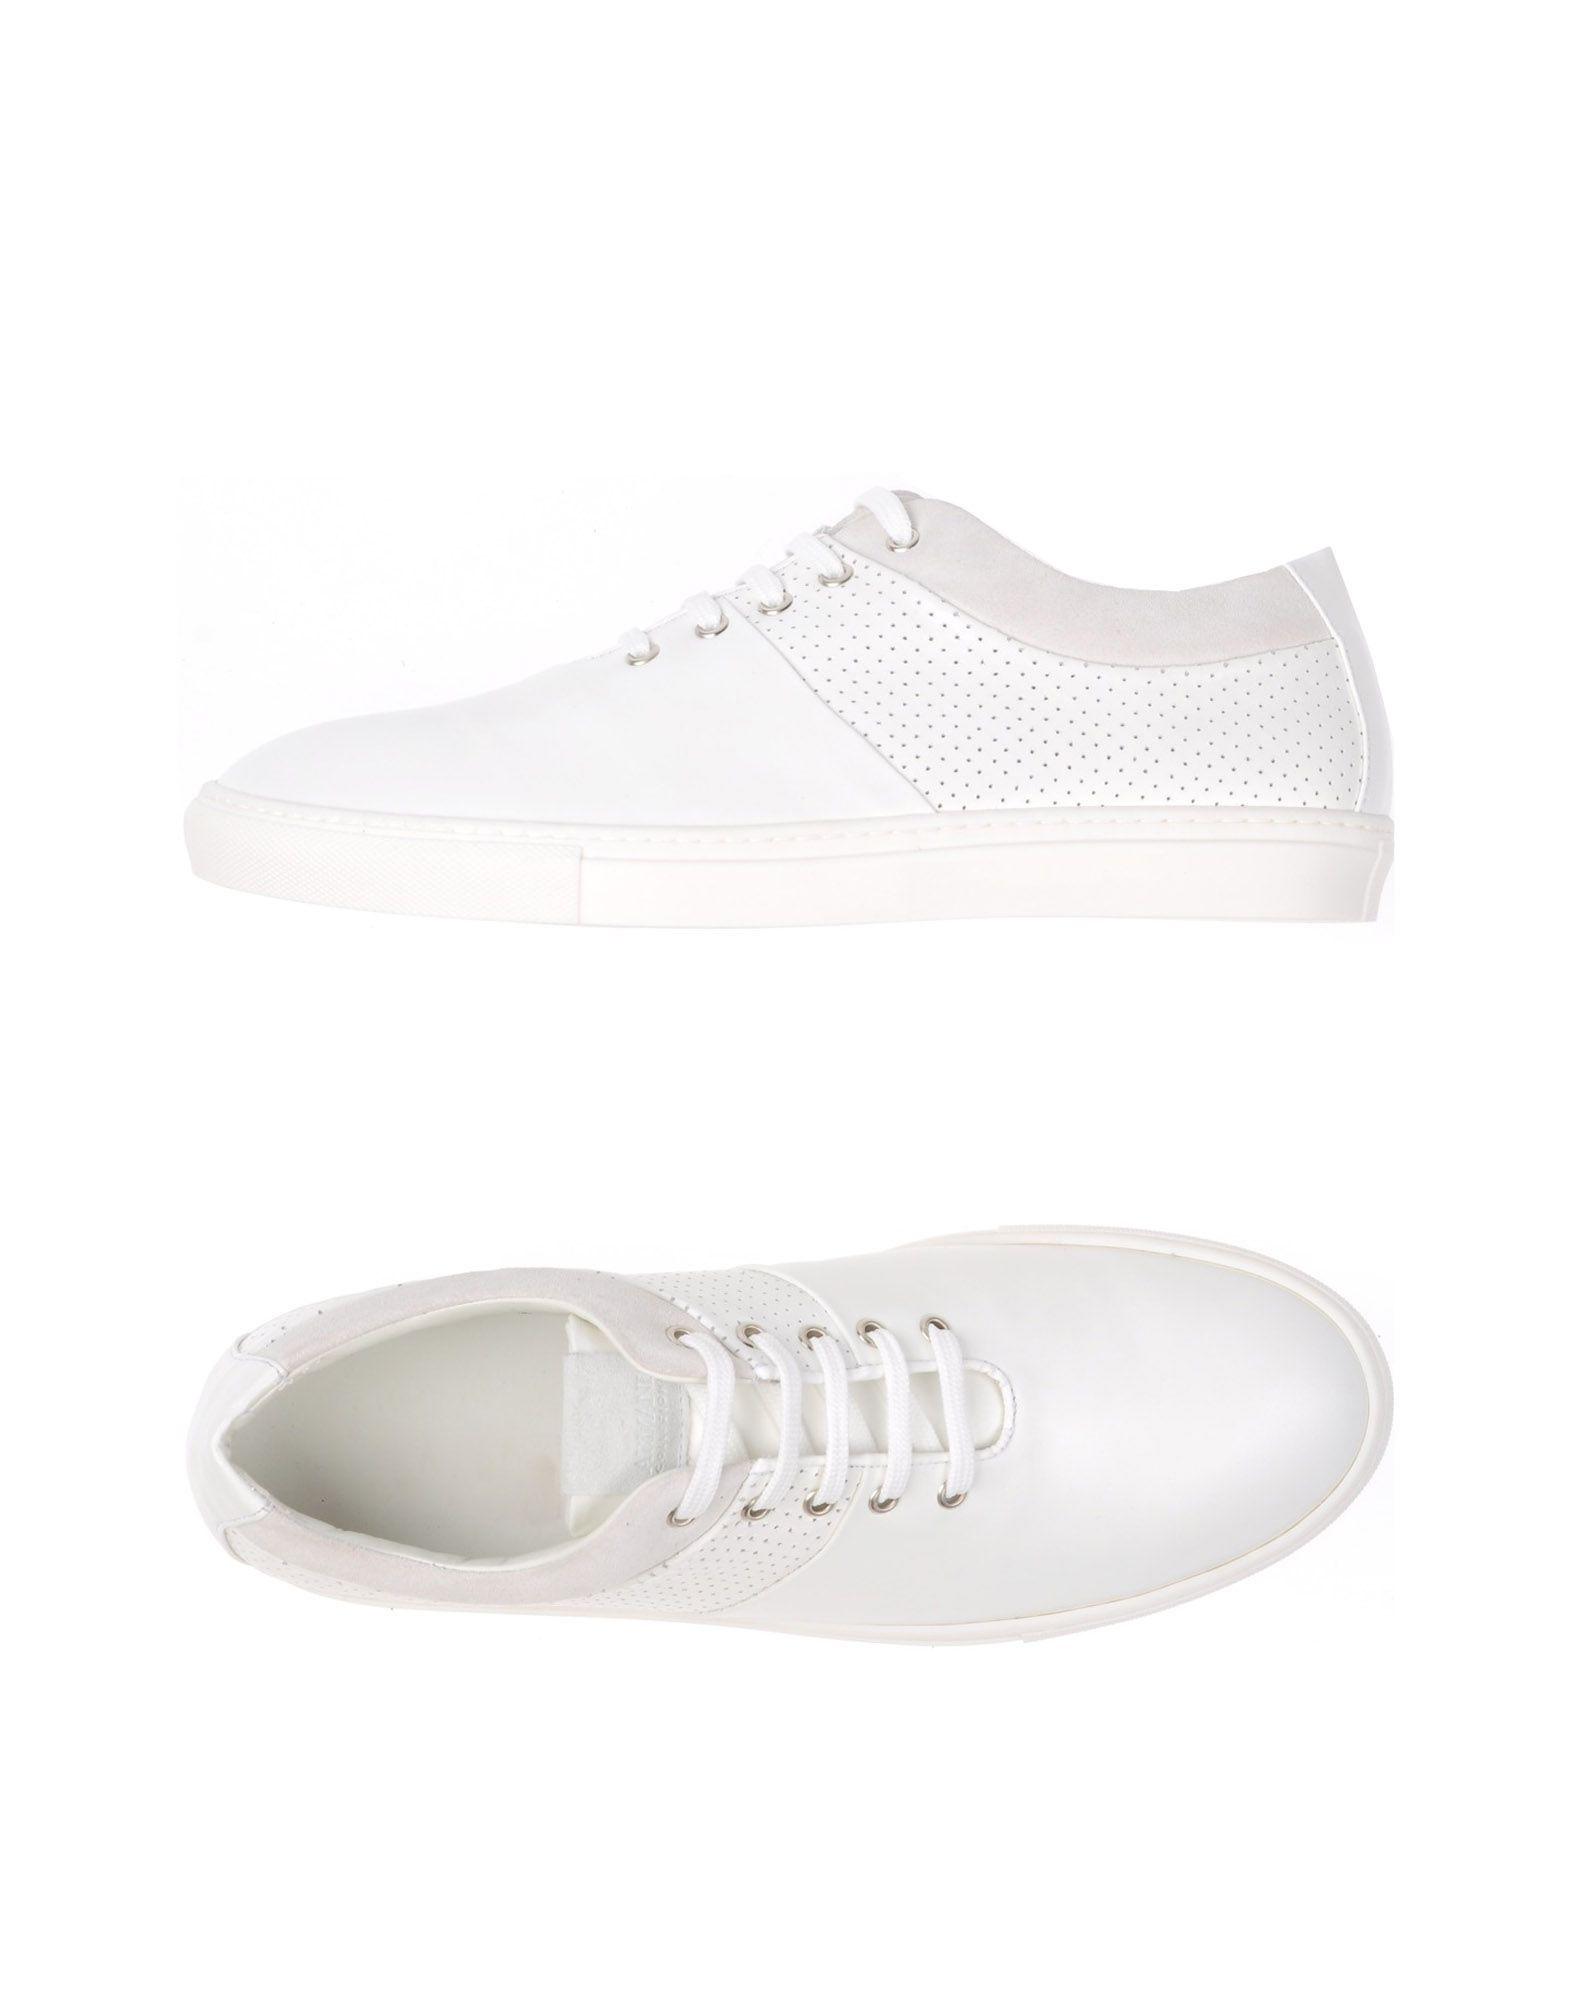 Armani Collezioni Sneakers - Men Armani Collezioni Collezioni Collezioni Sneakers online on  Australia - 44992468BV 3ea665